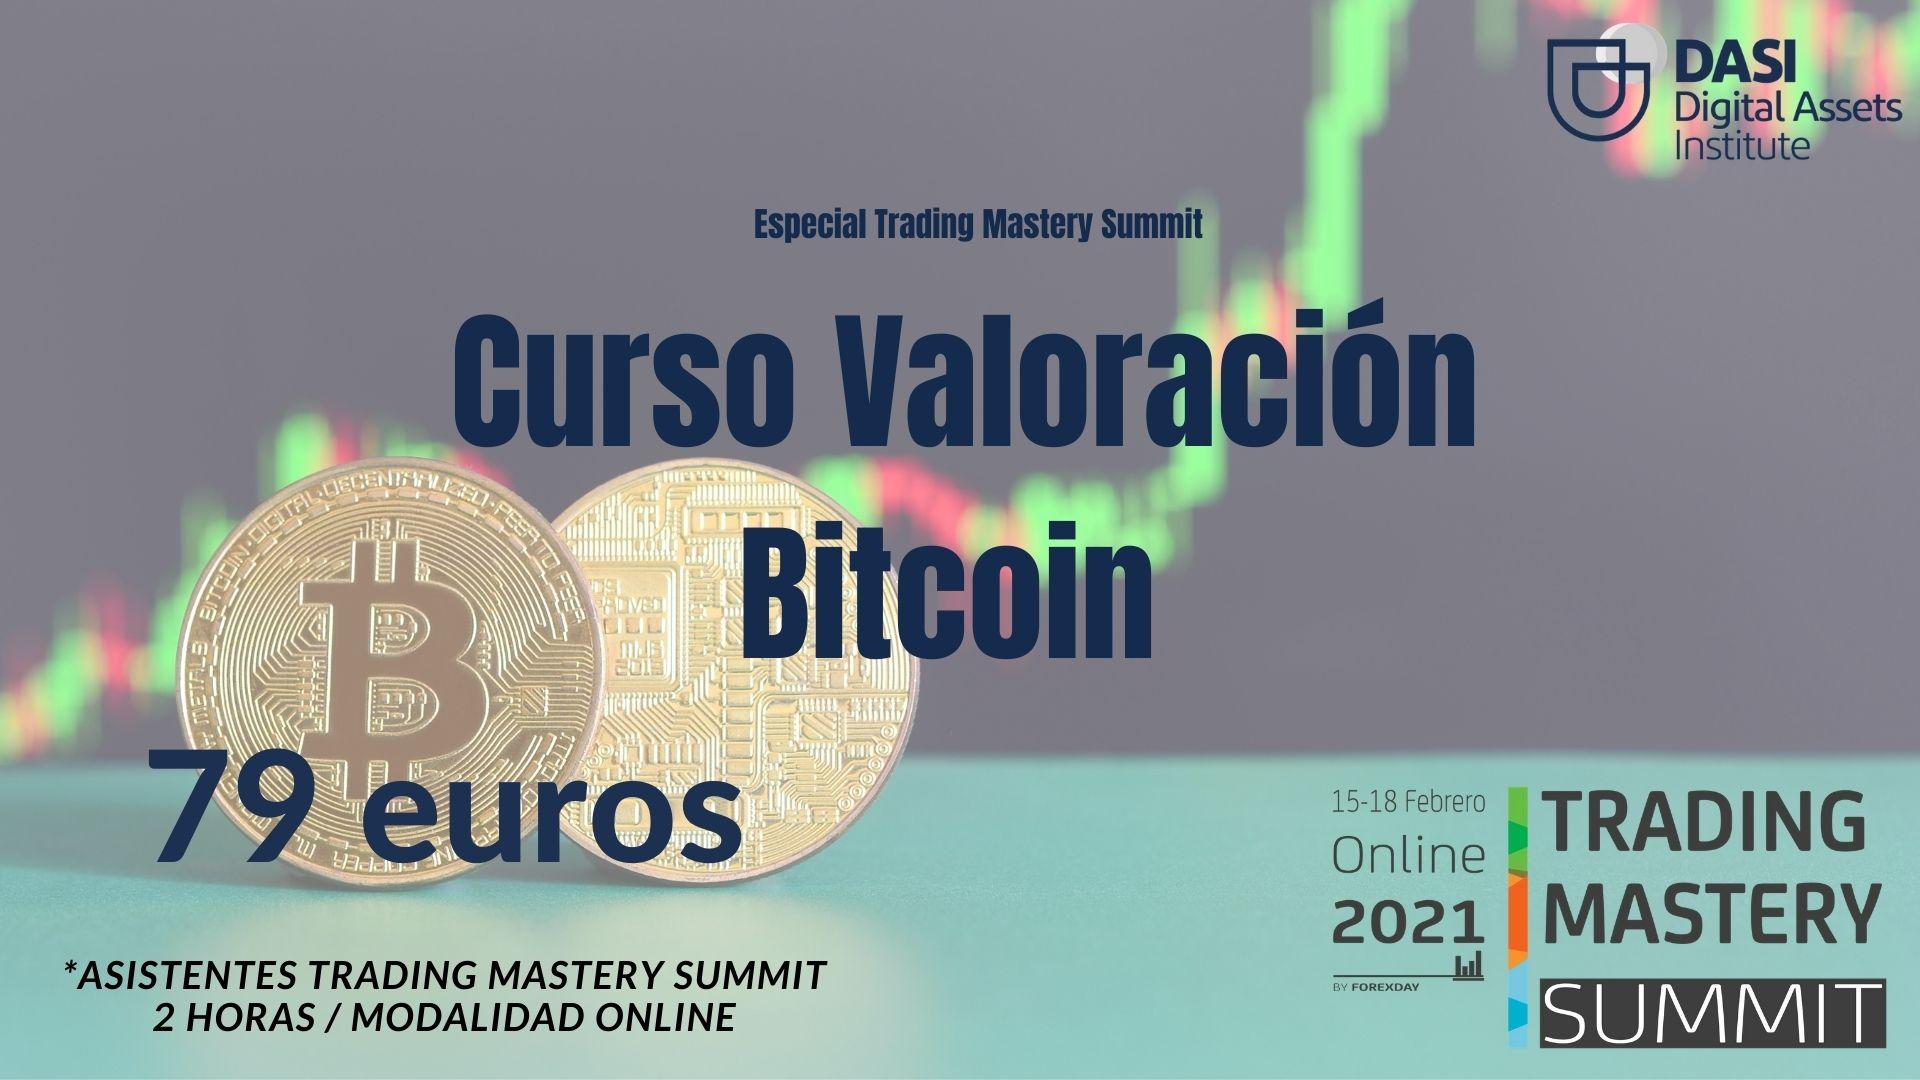 Trading Mastery SUMMIT – CURSO ESPECIAL VALORACIÓN CRIPTOACTIVOS